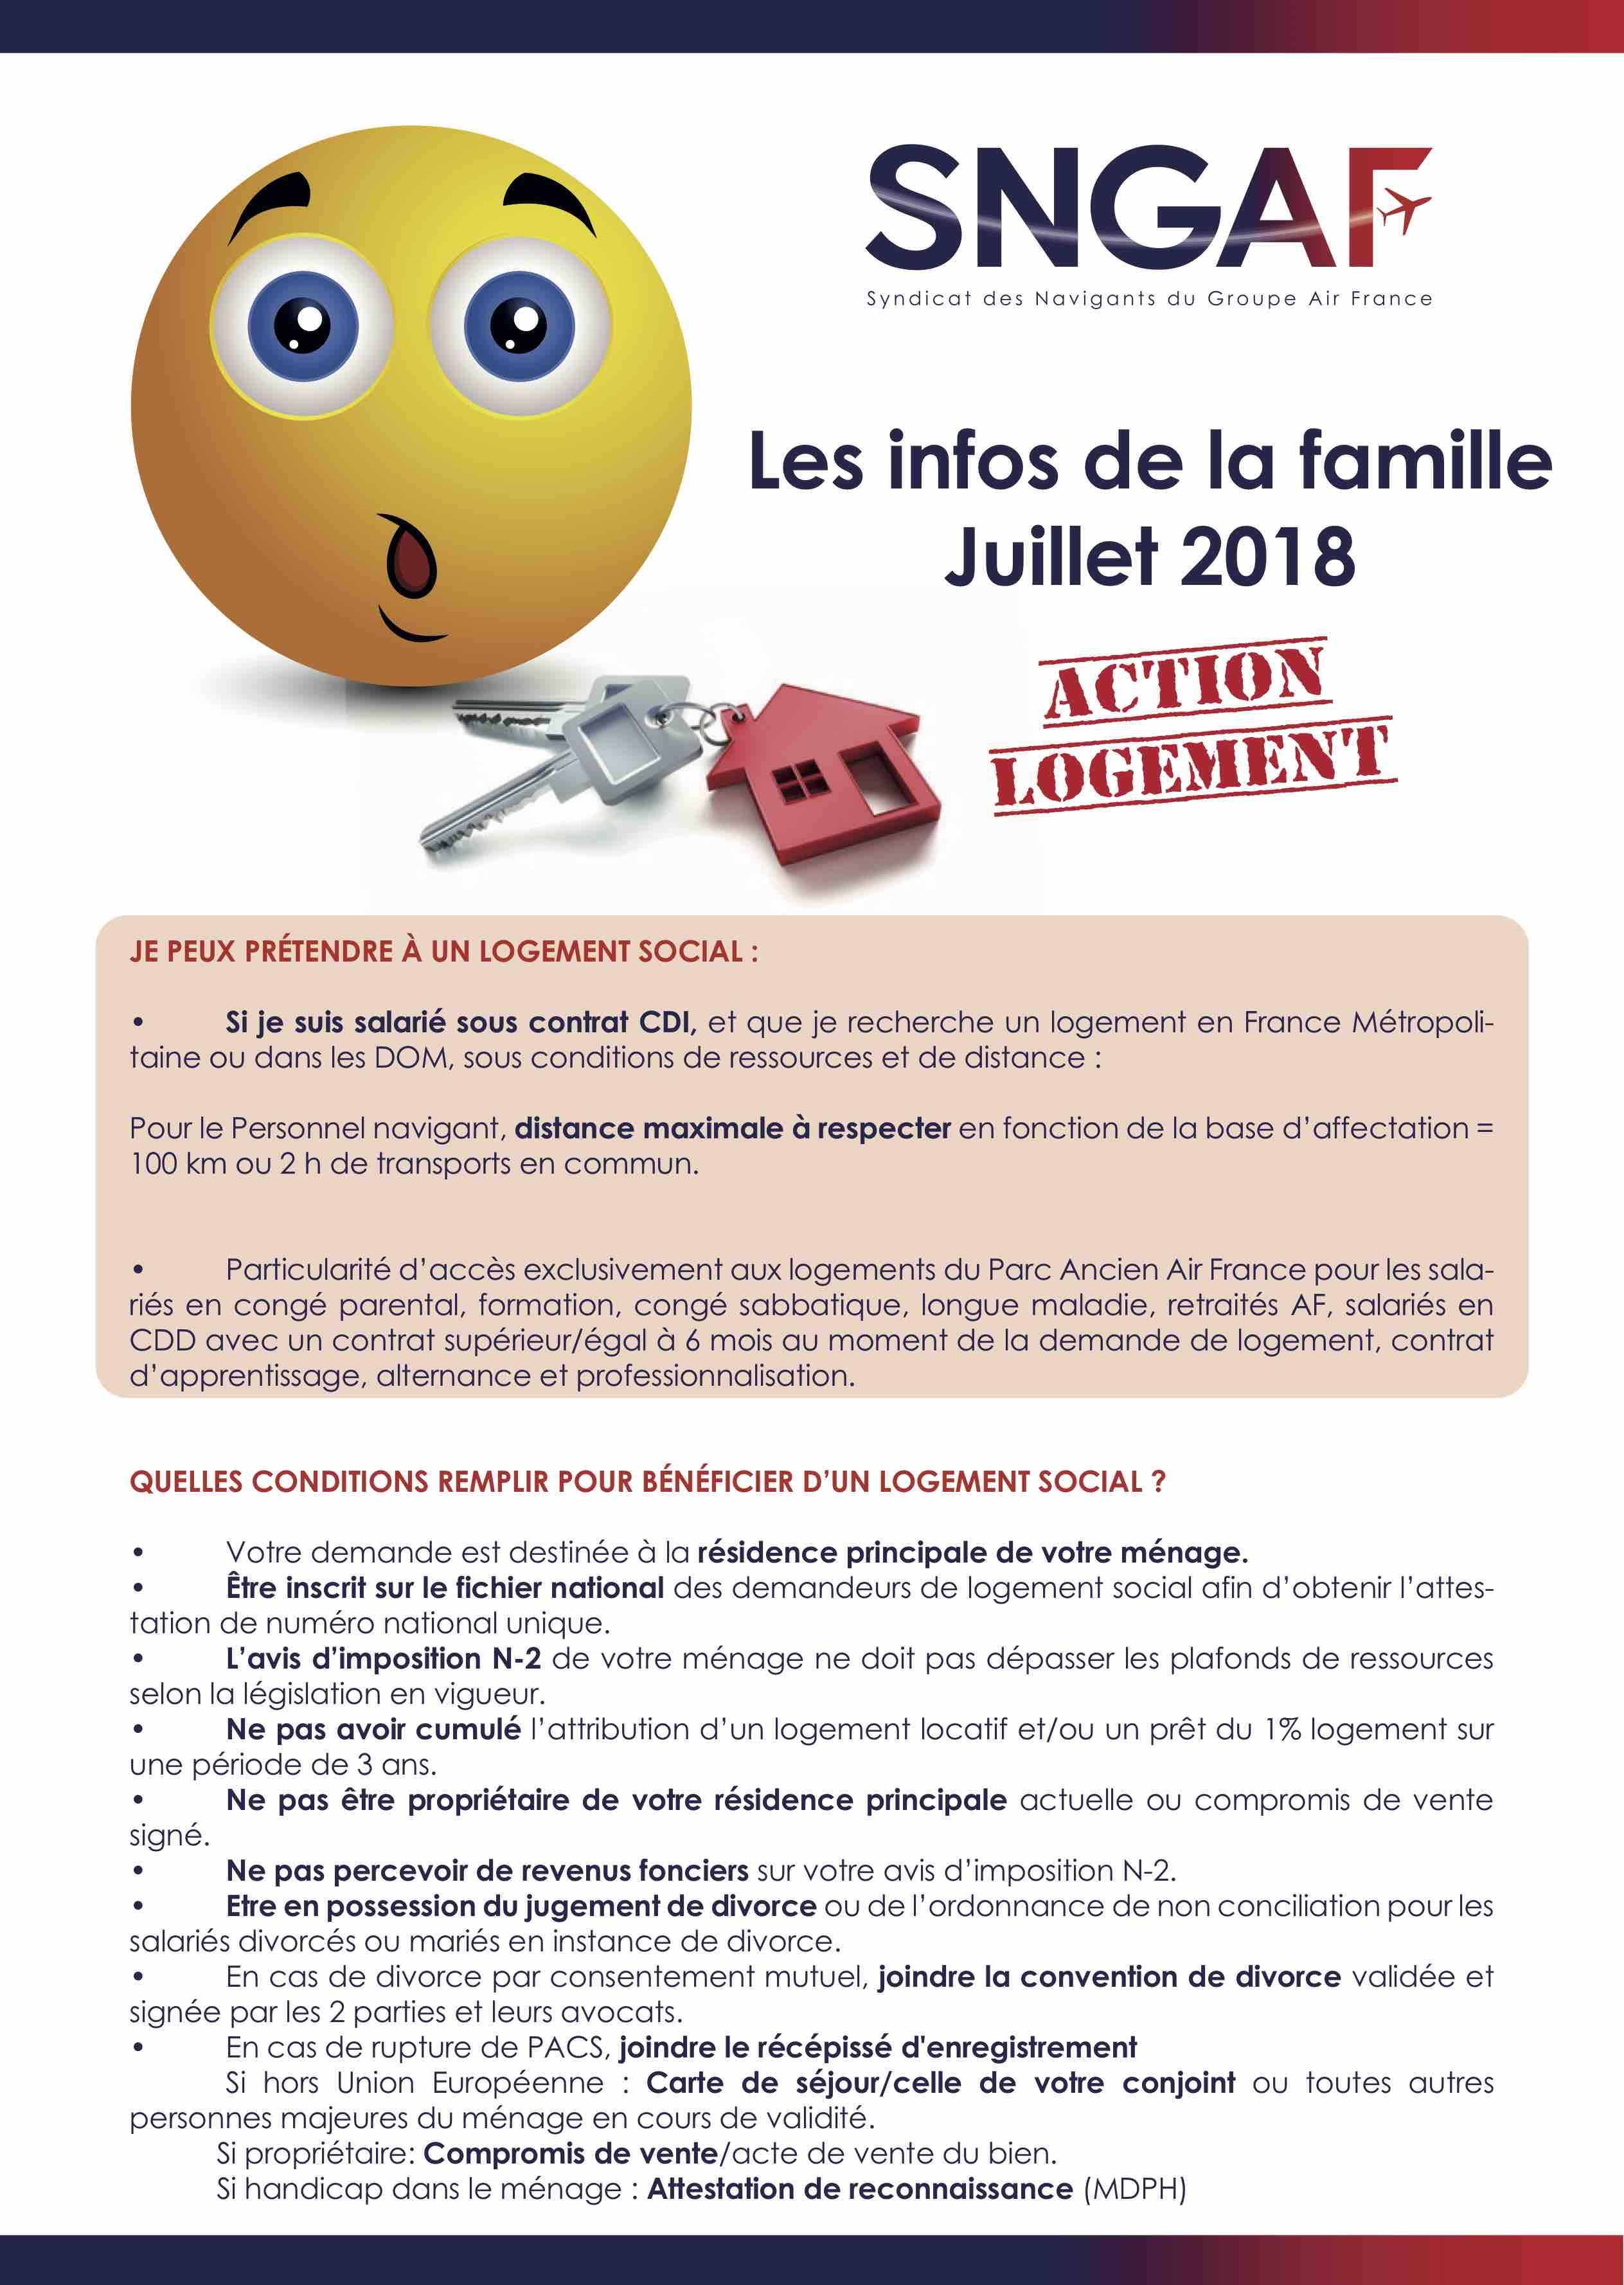 Les infos de la famille - JUILLET 2018 ACTION LOGEMENT_1